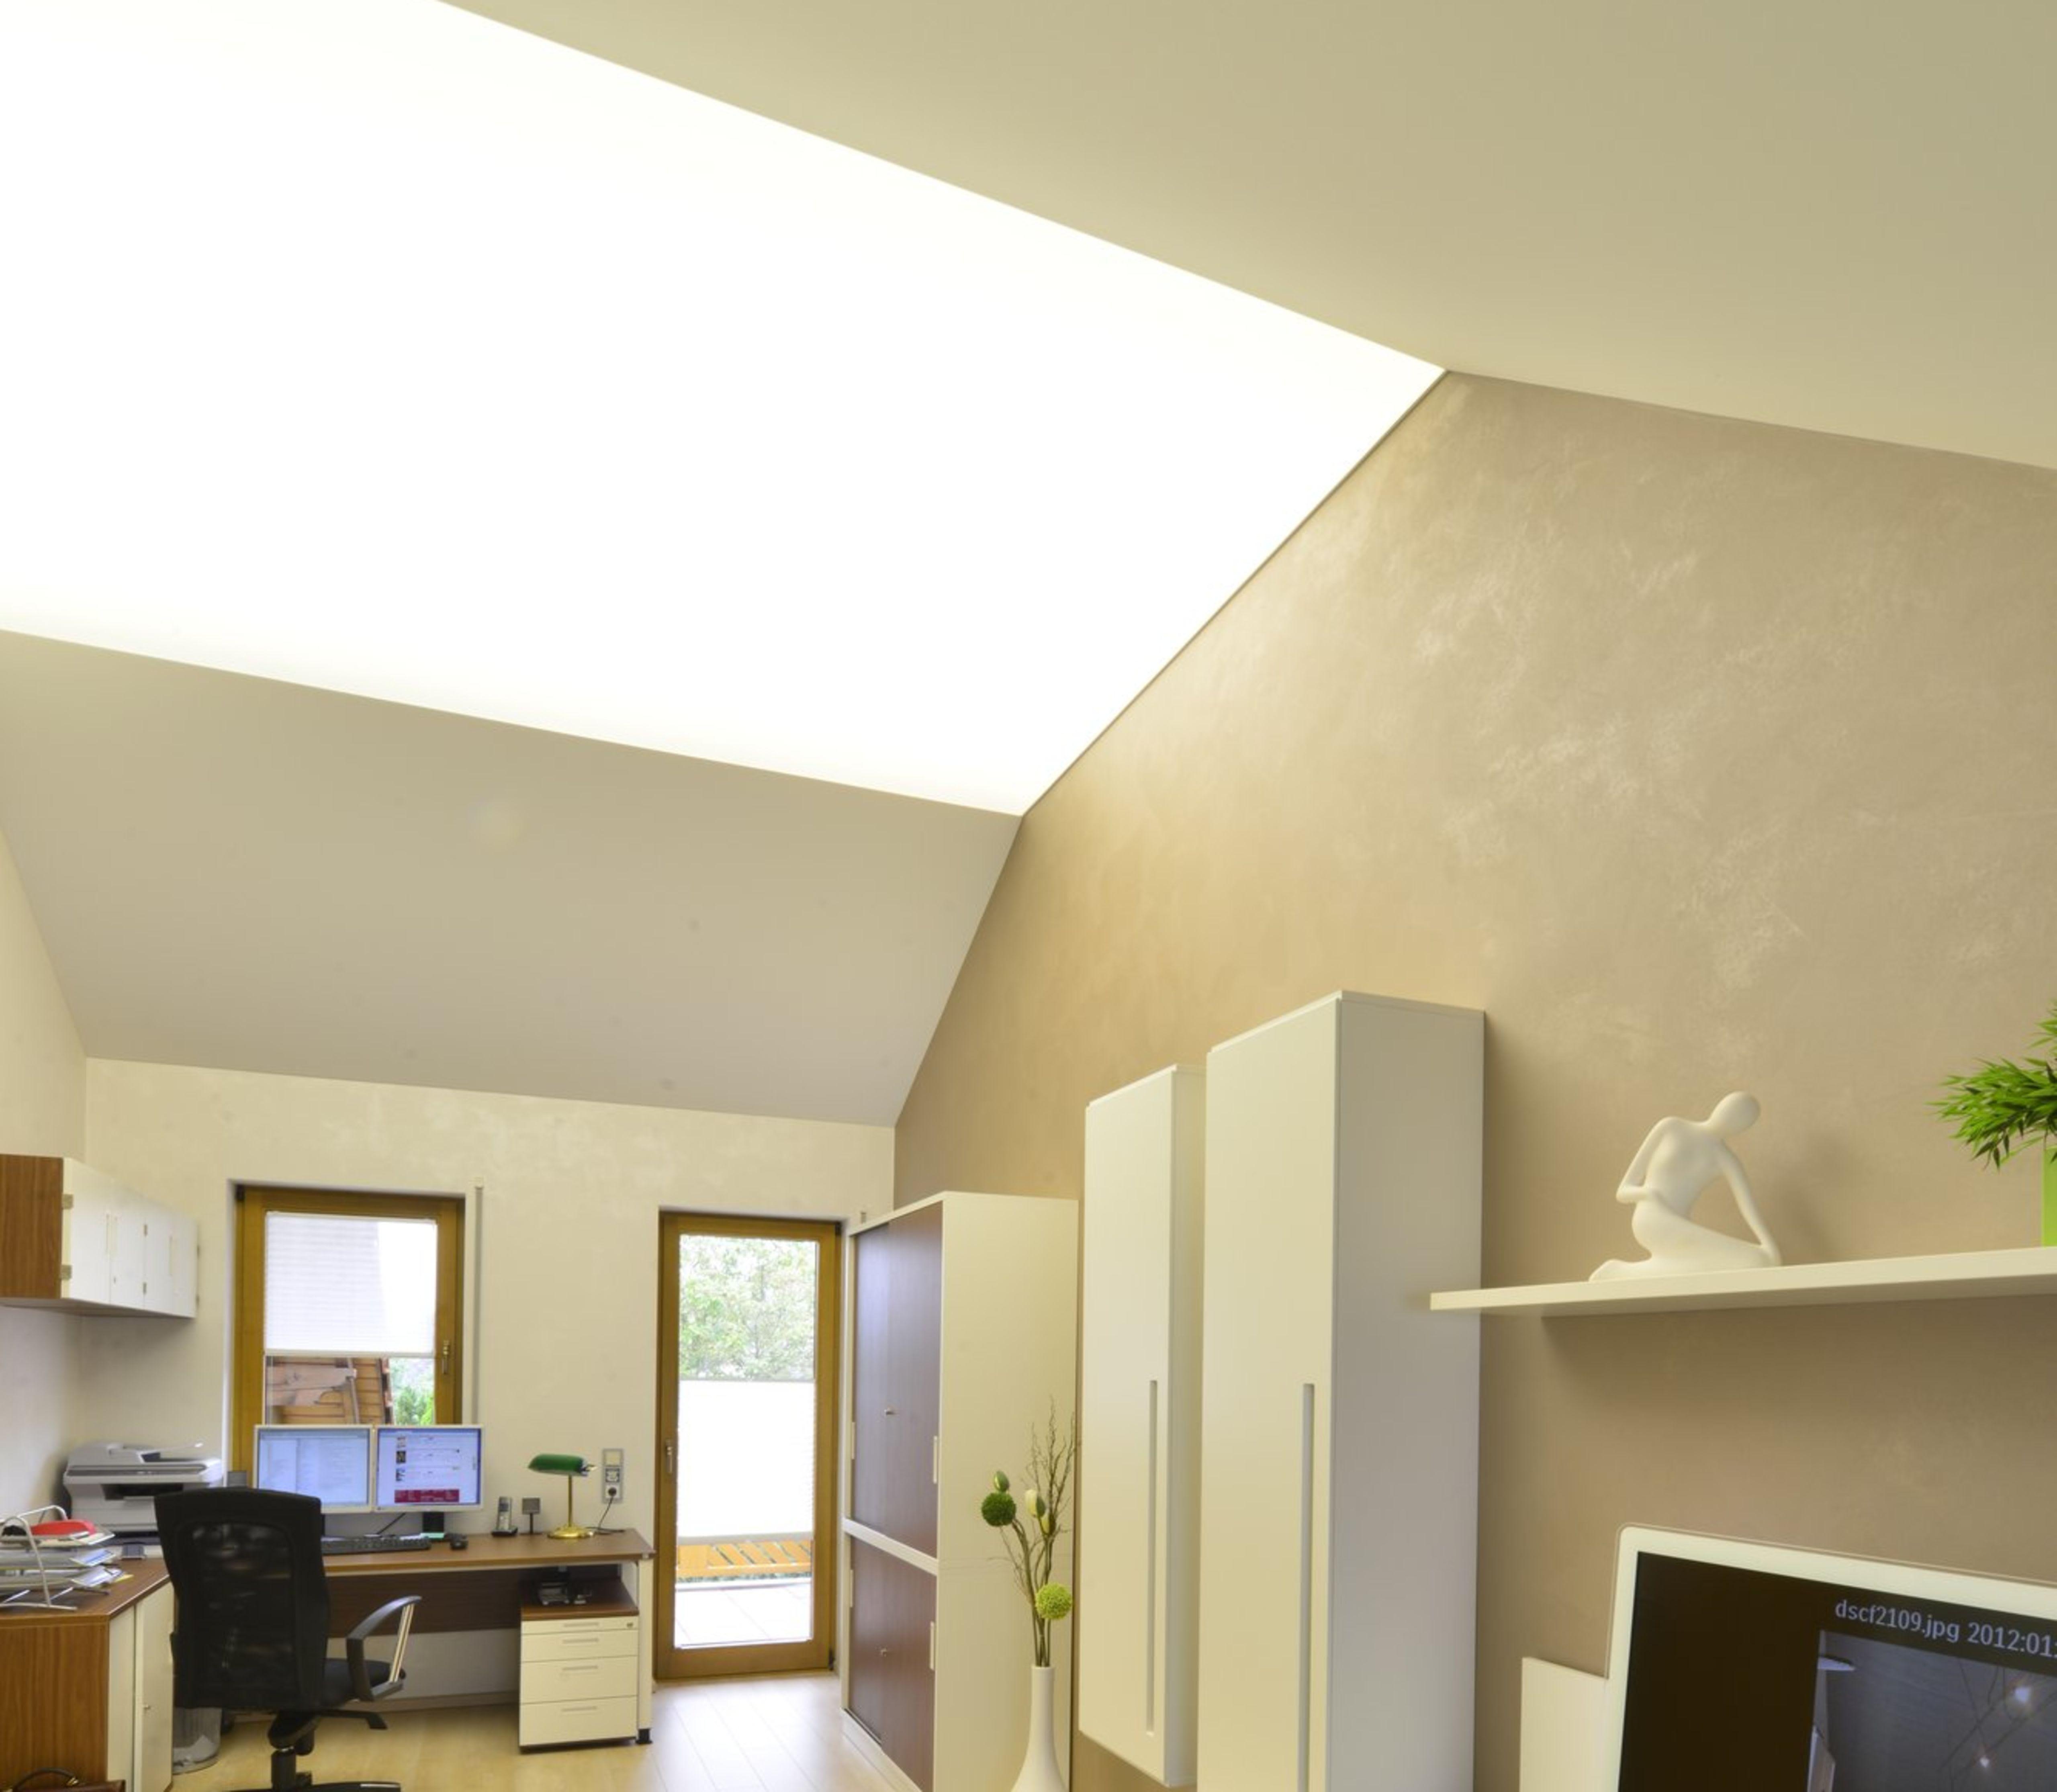 Büro mit hellen Spanndecken Akustikdecken